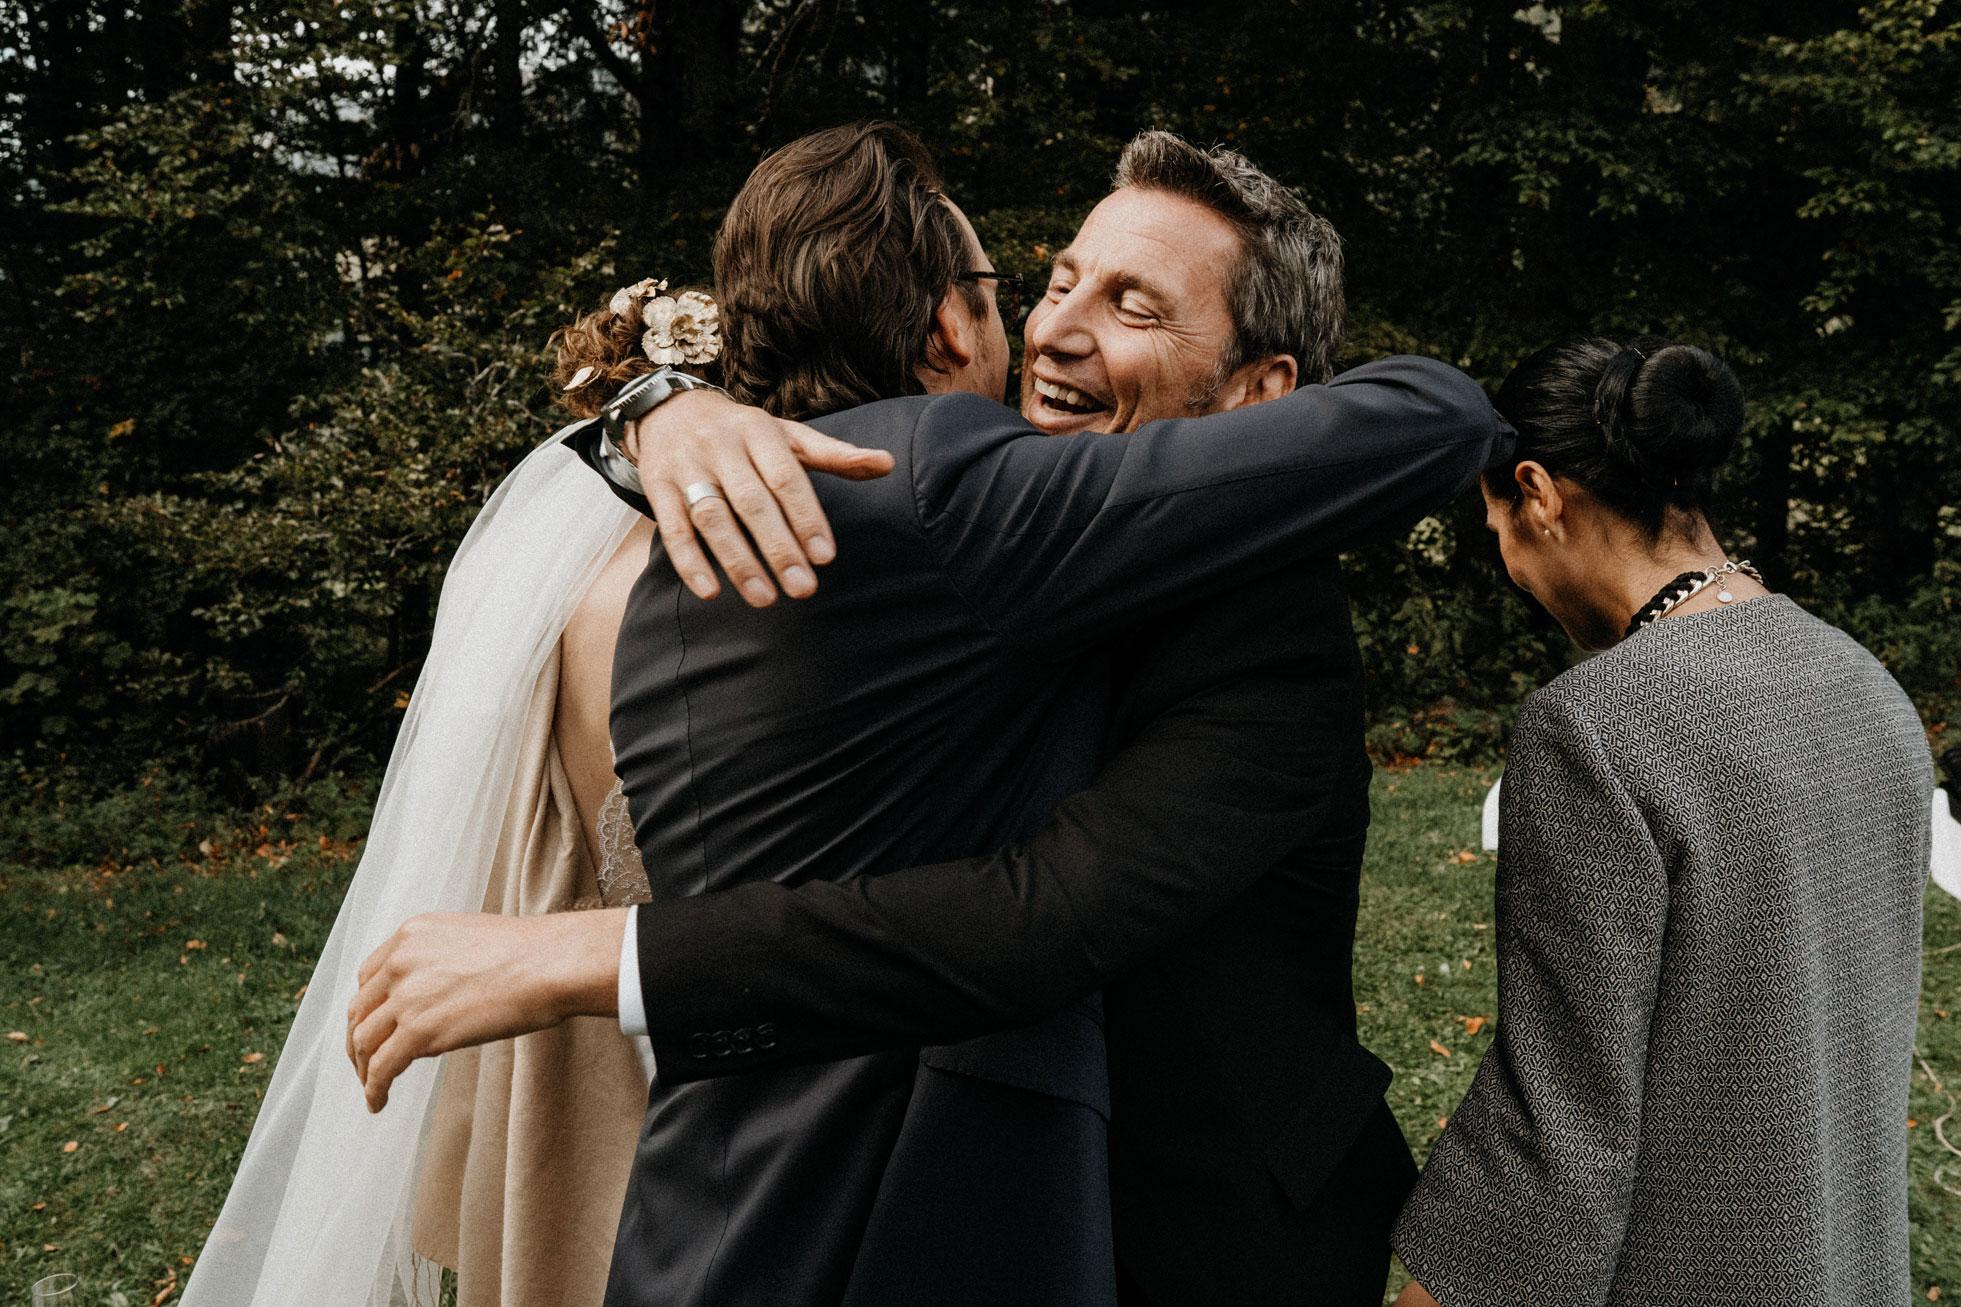 Hochzeit_Claire_Manuel_Villa_Maund_Daniel_Jenny-309.jpg